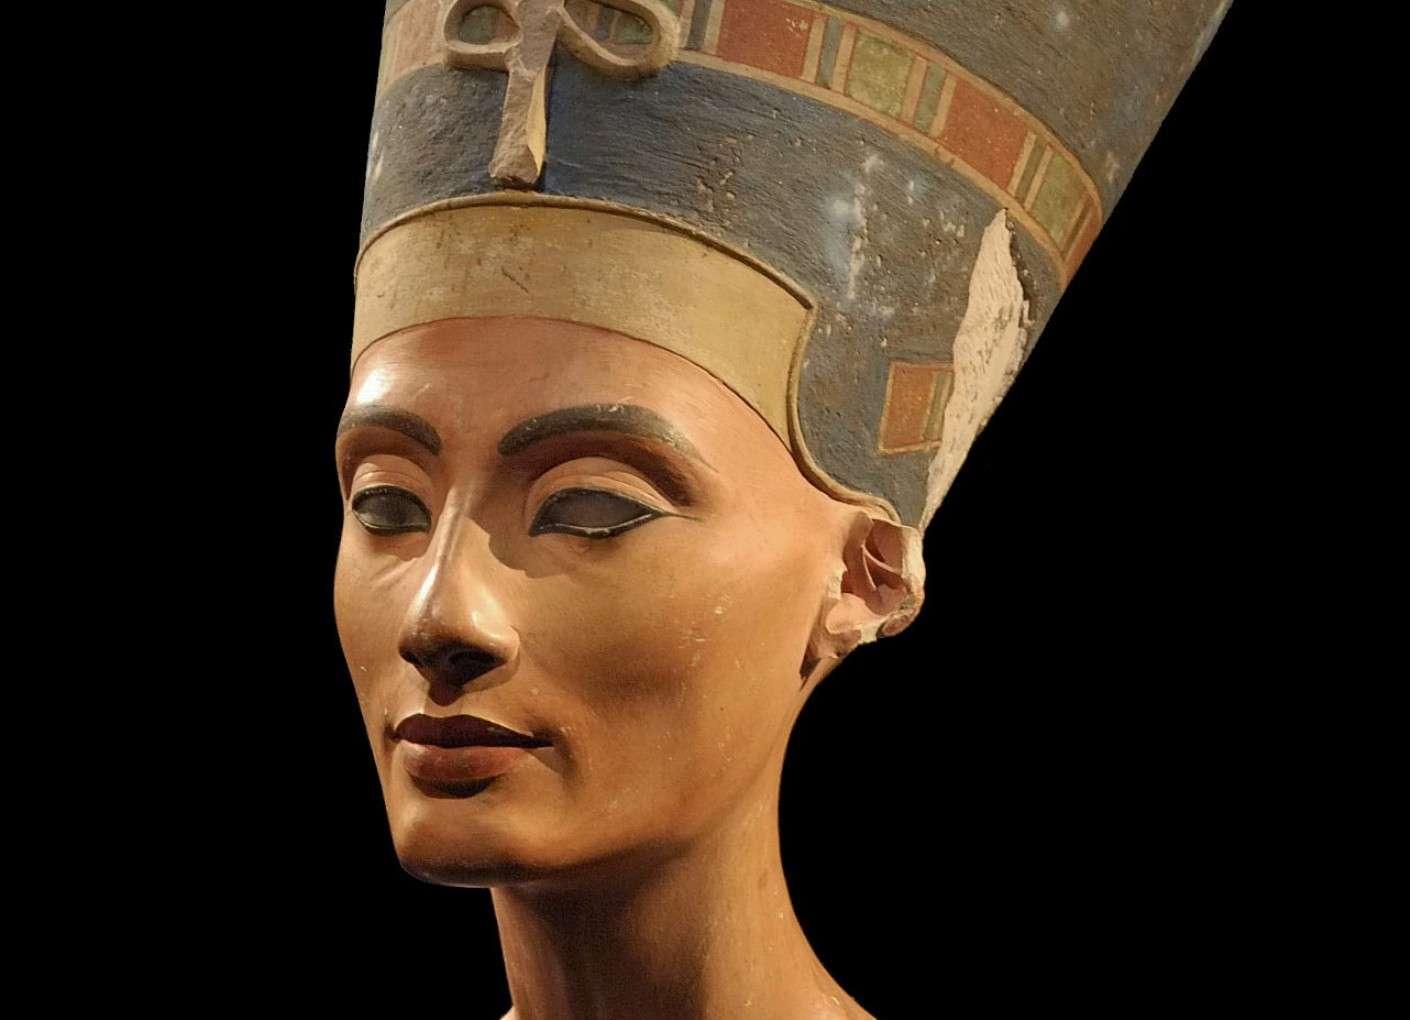 Néfertiti, dont le nom signifie « la belle est venue » ou « la parfaite est arrivée », était la grande épouse royale du pharaon Akhénaton. Elle est célèbre notamment à cause de son buste conservé au Neues Museum à Berlin. Sa momie pourrait être cachée dans le tombeau de Toutânkhamon. © xenon 77, Wikimedia Commons, CC by 3.0